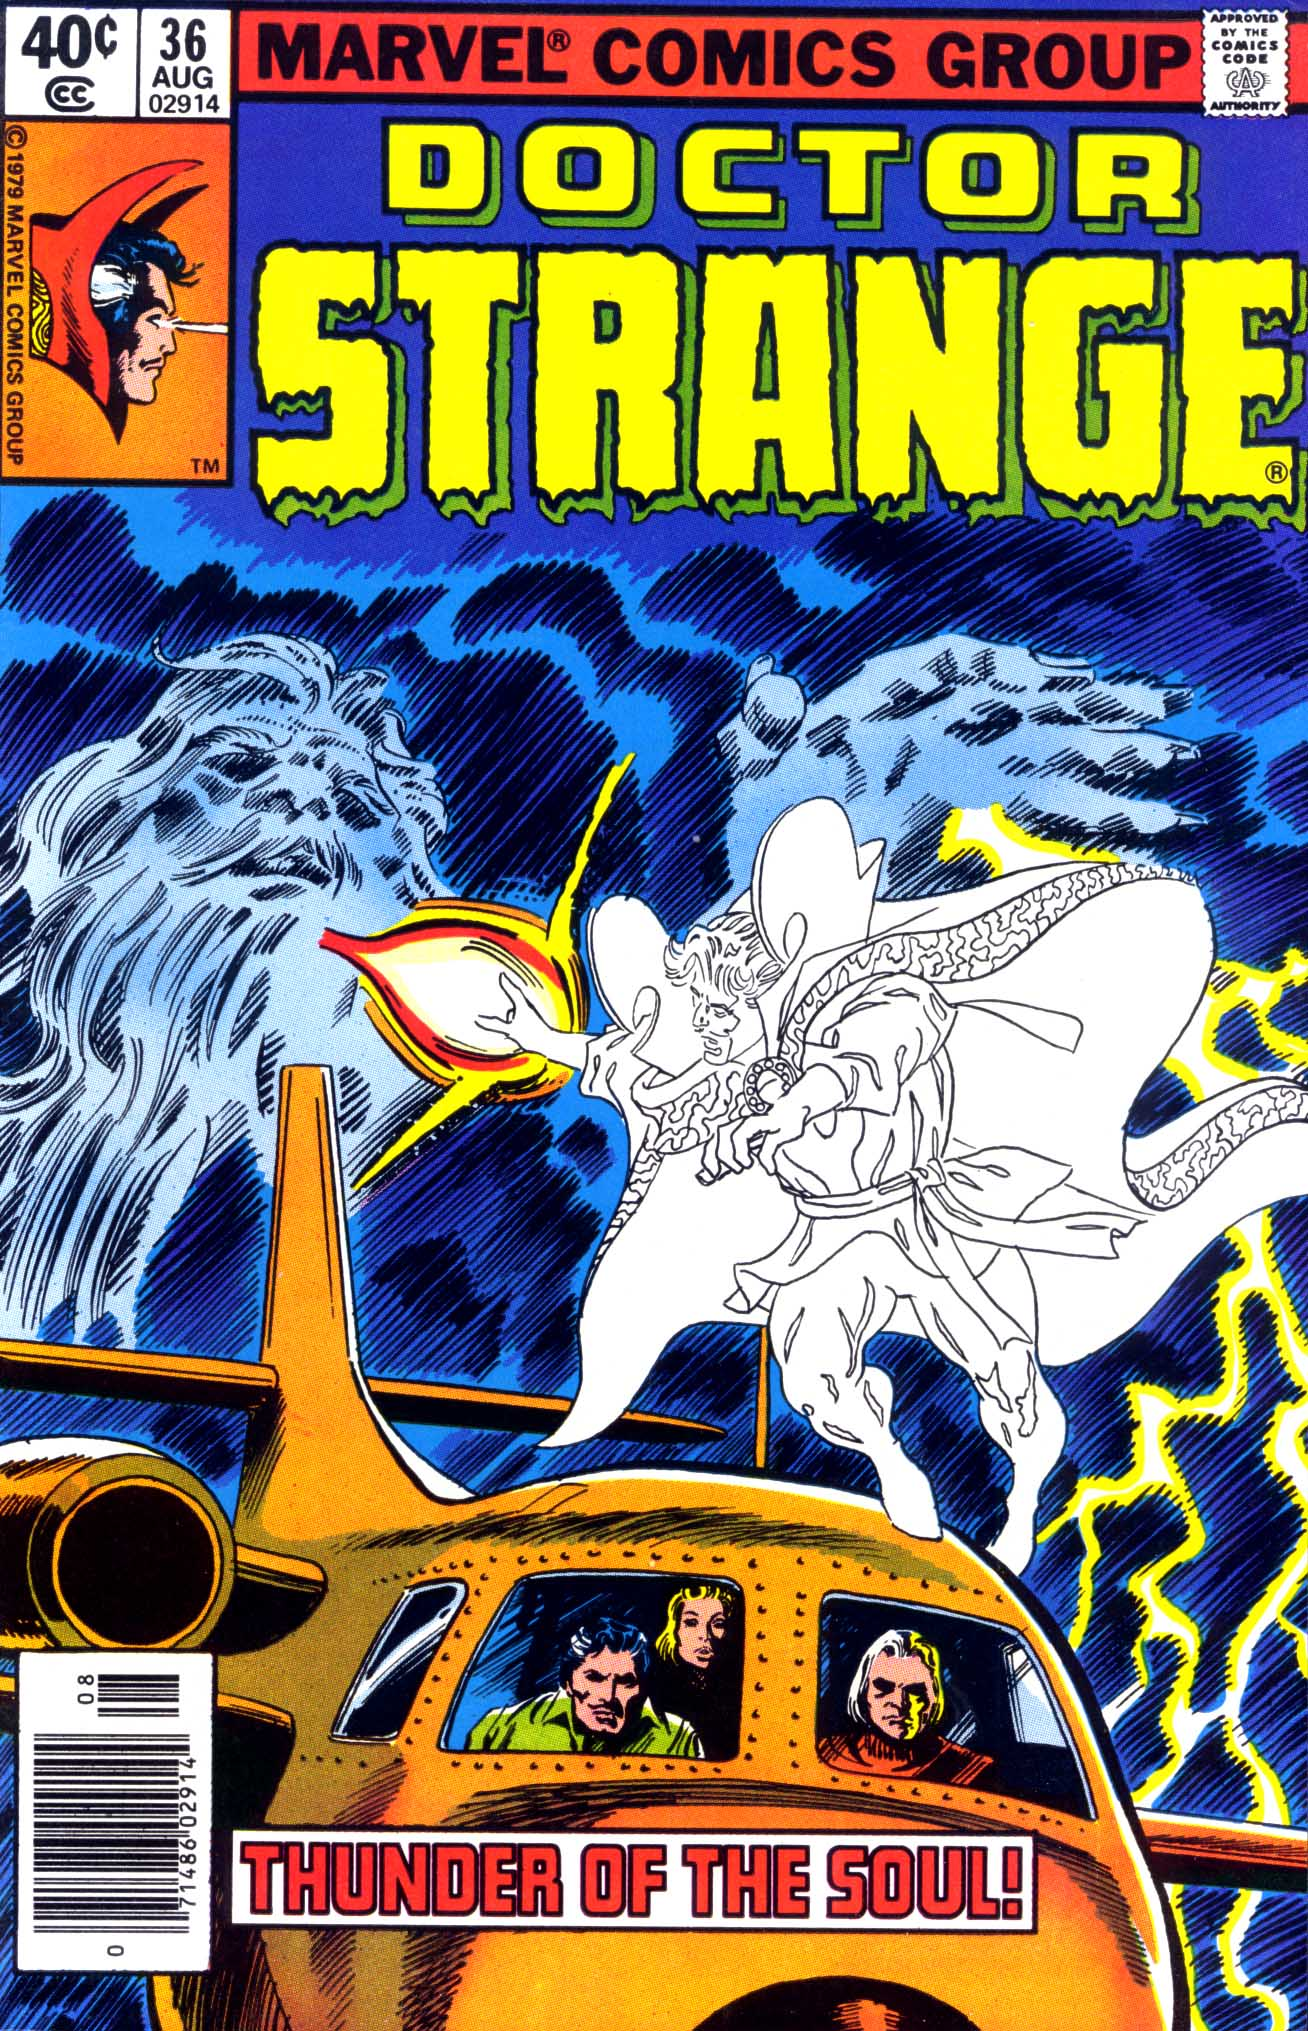 Doctor Strange (1974) 36 Page 1